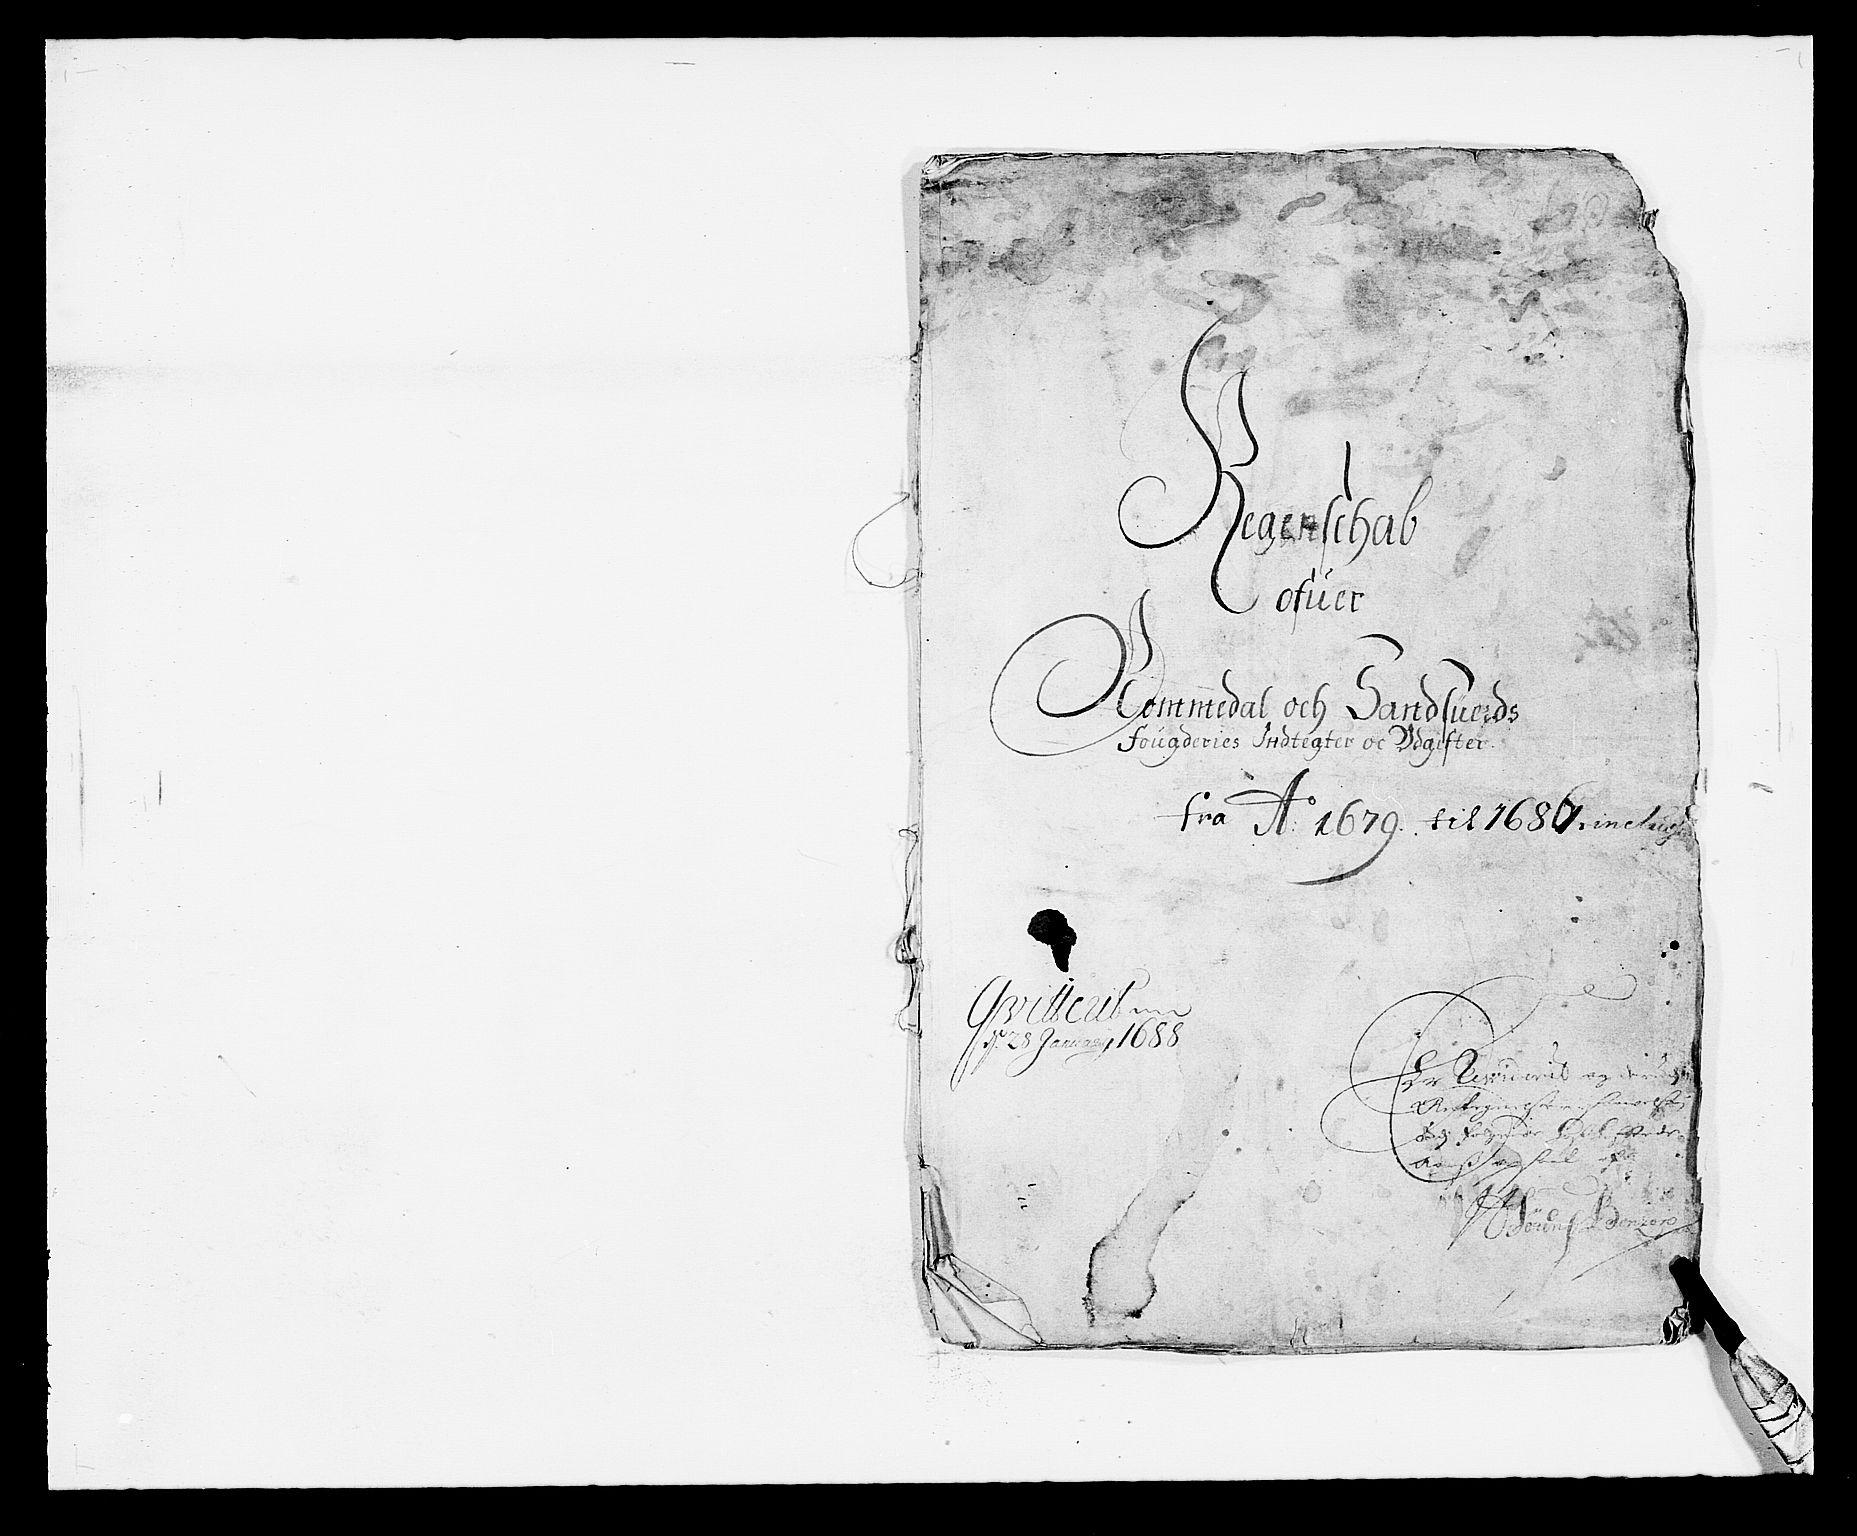 RA, Rentekammeret inntil 1814, Reviderte regnskaper, Fogderegnskap, R24/L1569: Fogderegnskap Numedal og Sandsvær, 1679-1686, s. 46